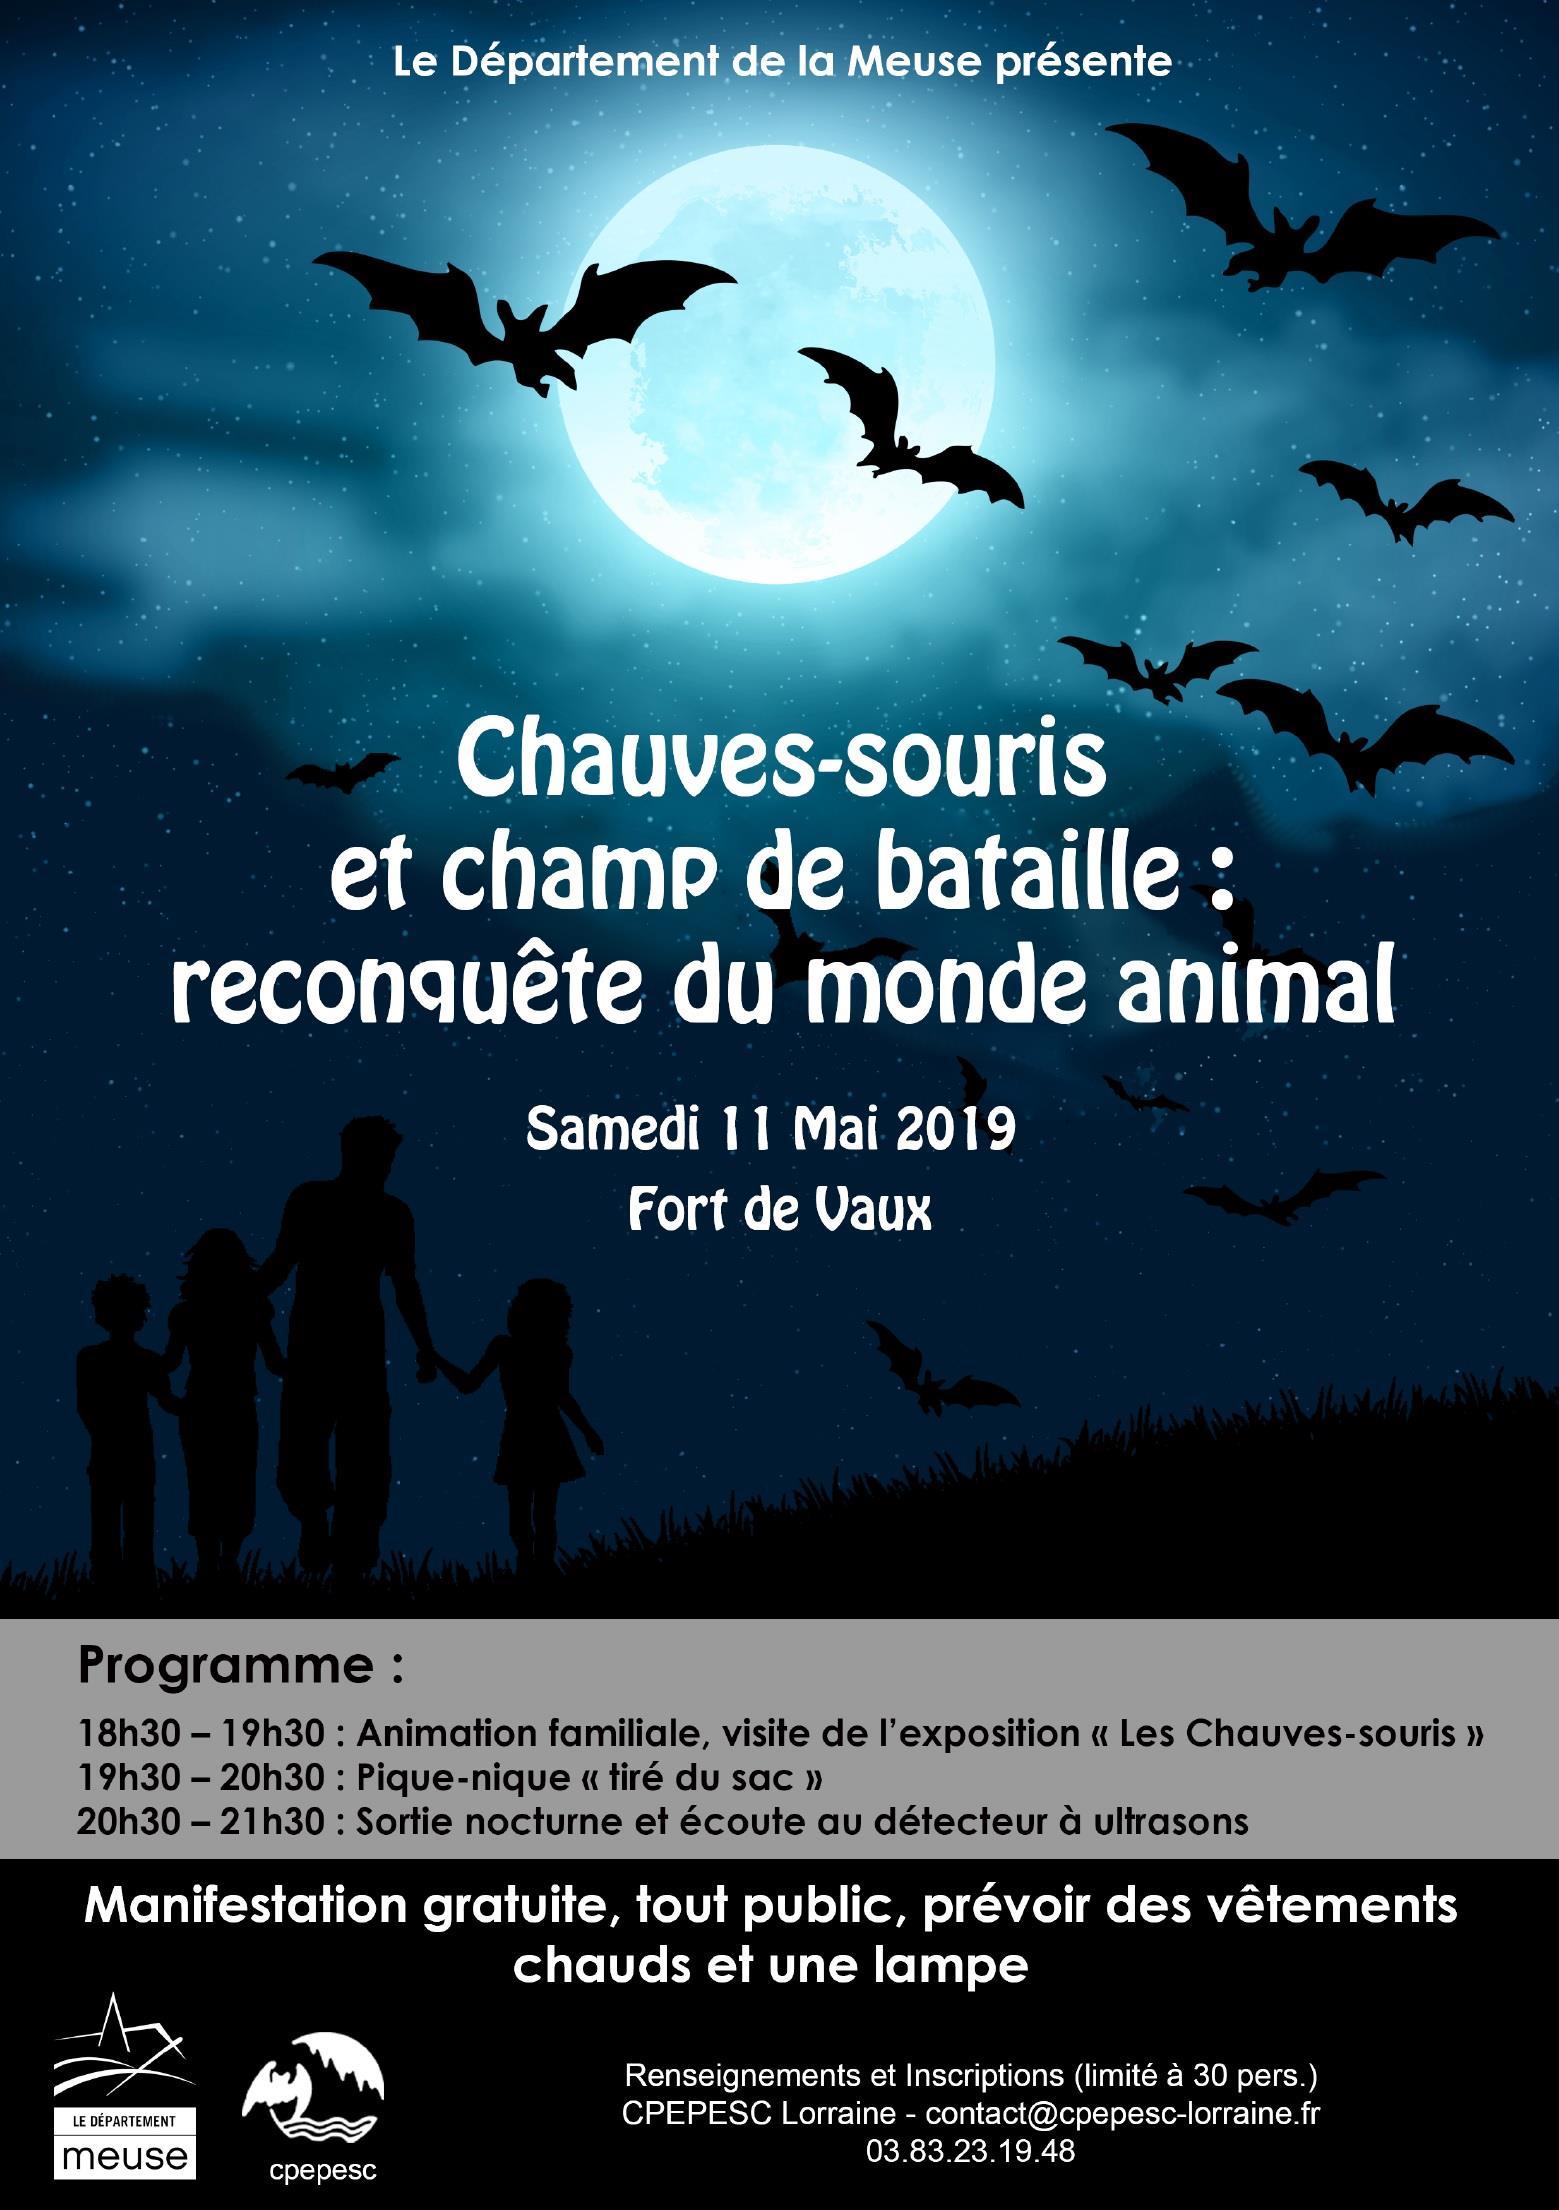 CHAUVES-SOURIS ET CHAMP DE BATAILLE : RECONQUÊTE DU MONDE ANIMAL